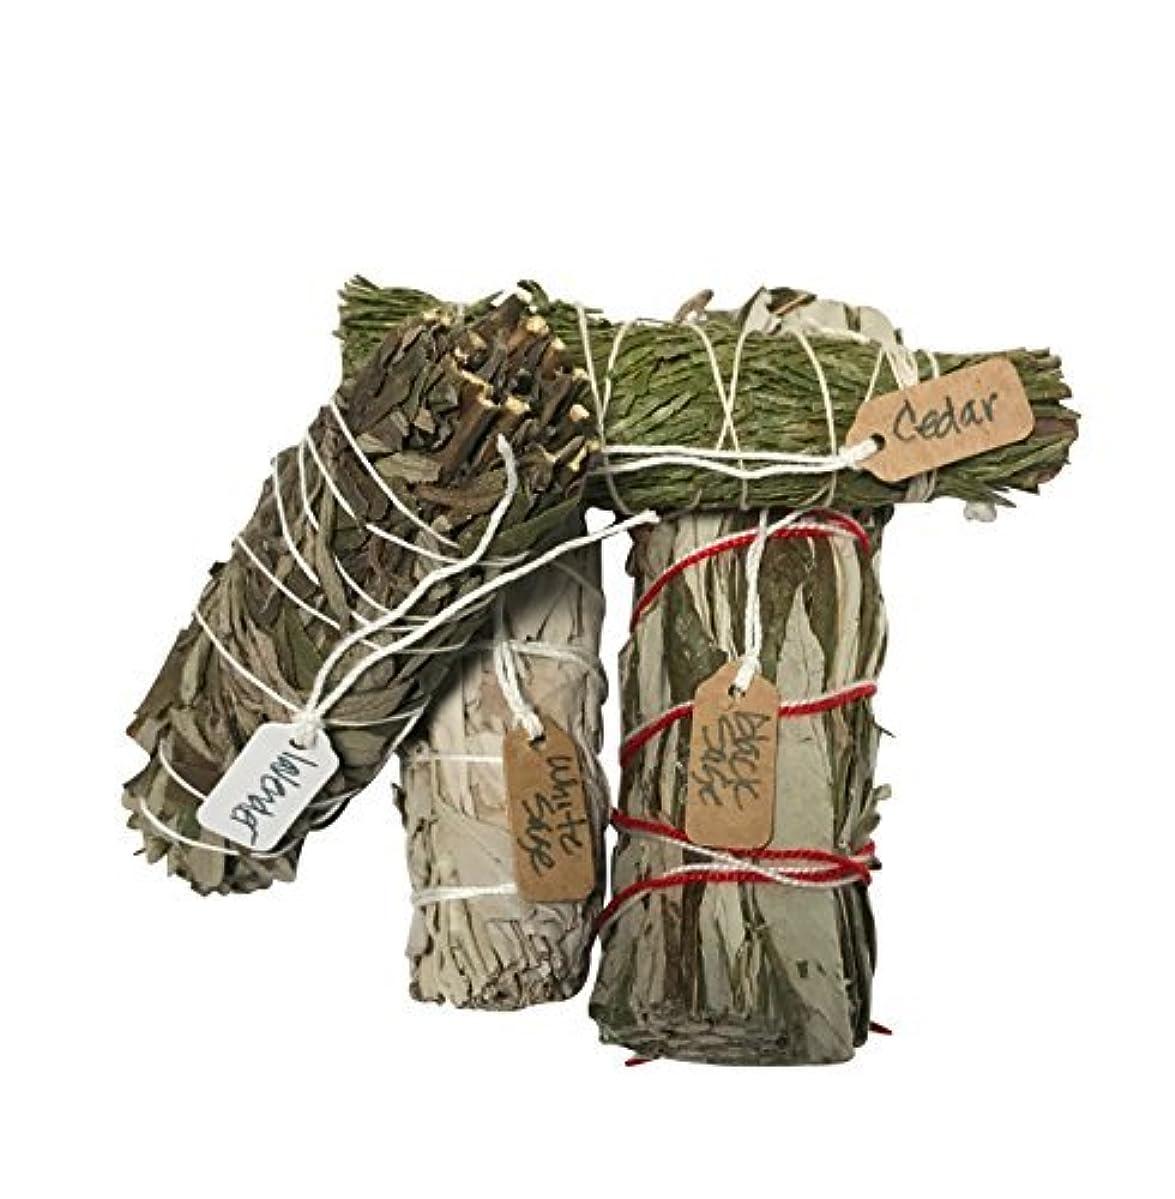 パーセント恐ろしいエゴイズムさまざまなSmudge Sticksサンプル最高級のための機会ホワイトセージ、ラベンダー、杉、ブラックセージ1つの各4 Inches Long。